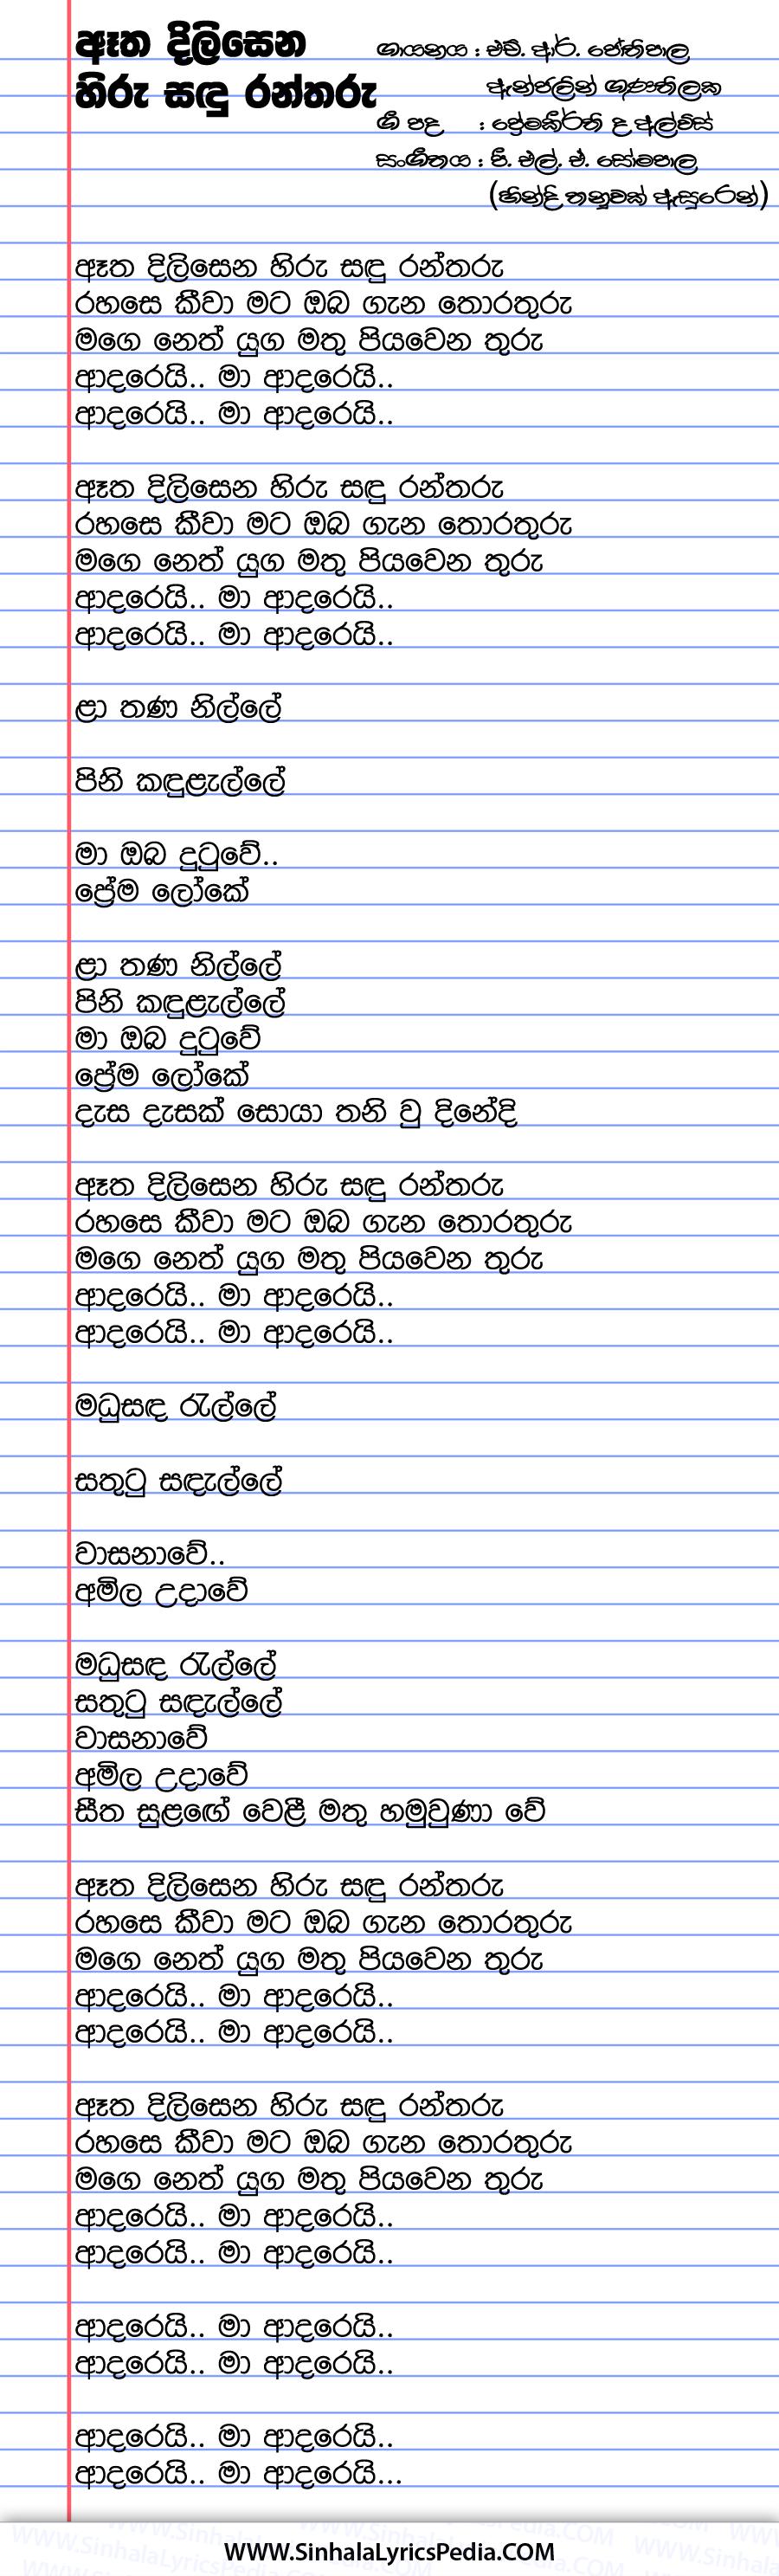 Atha Dilisena Hiru Sadu Ran Tharu Song Lyrics